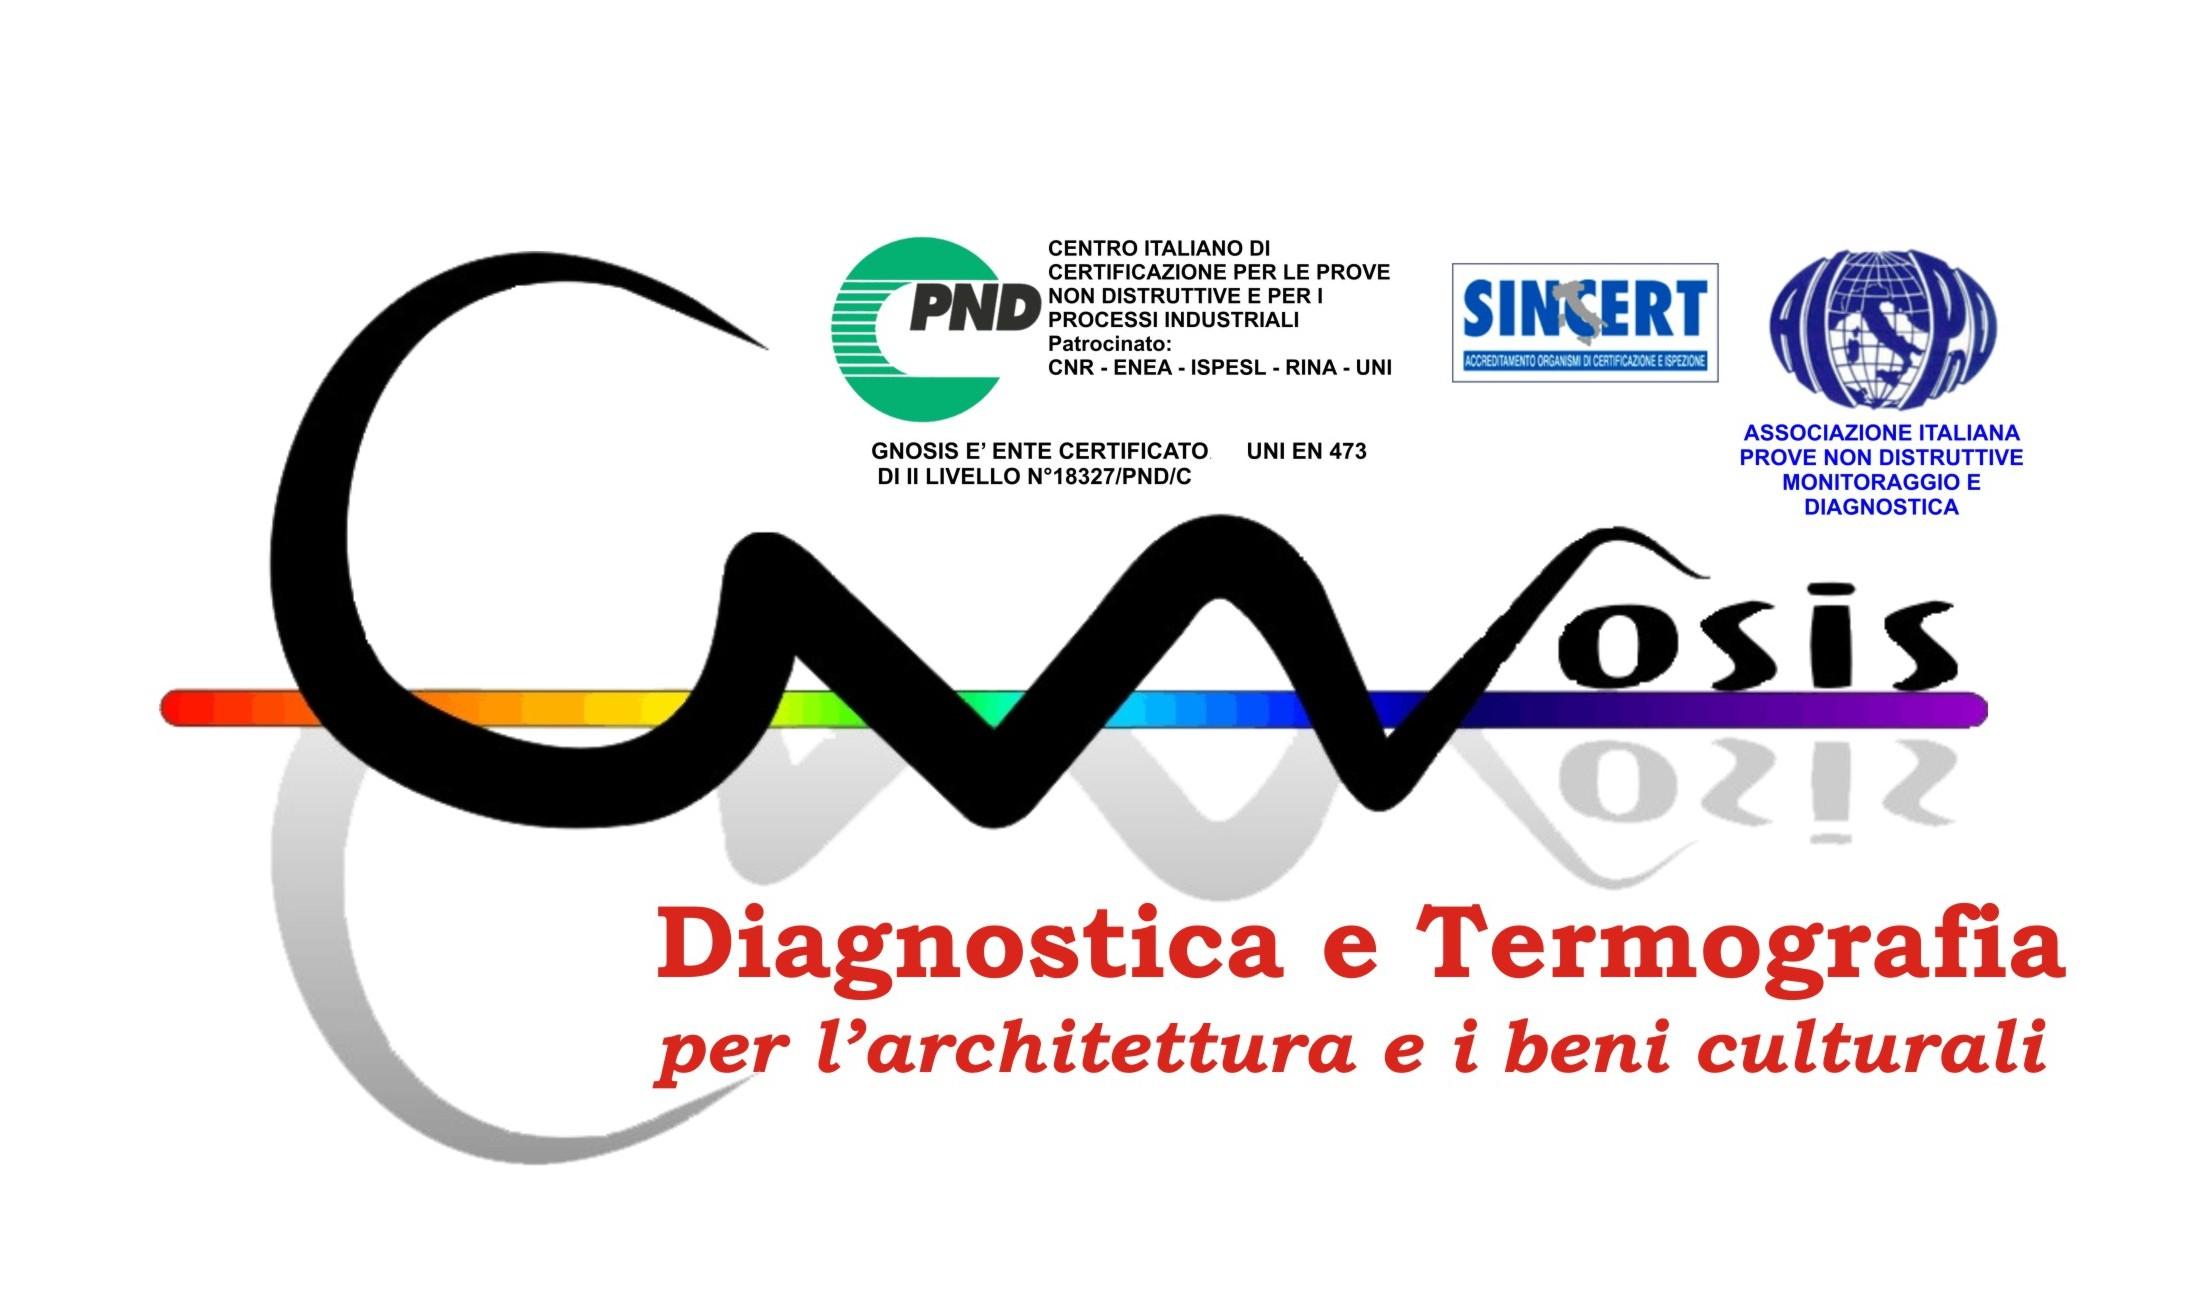 GNOSIS servizi per l'architettura e i beni culturali